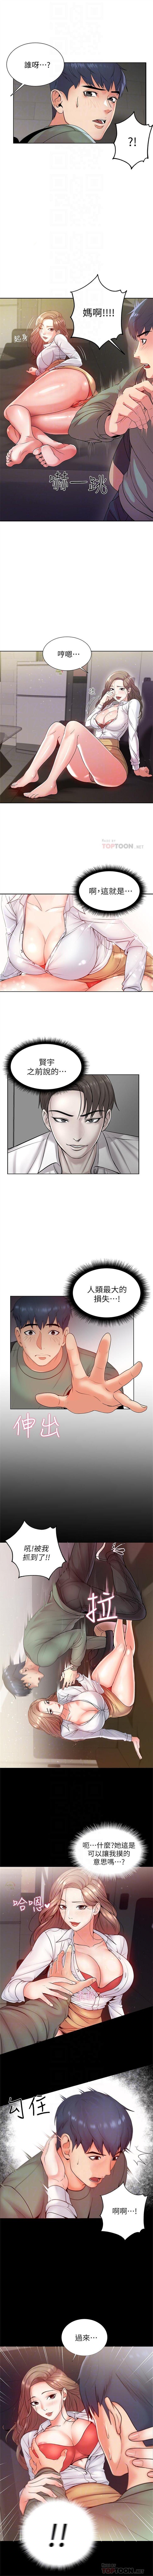 (週3)超市的漂亮姐姐 1-18 中文翻譯(更新中) 31